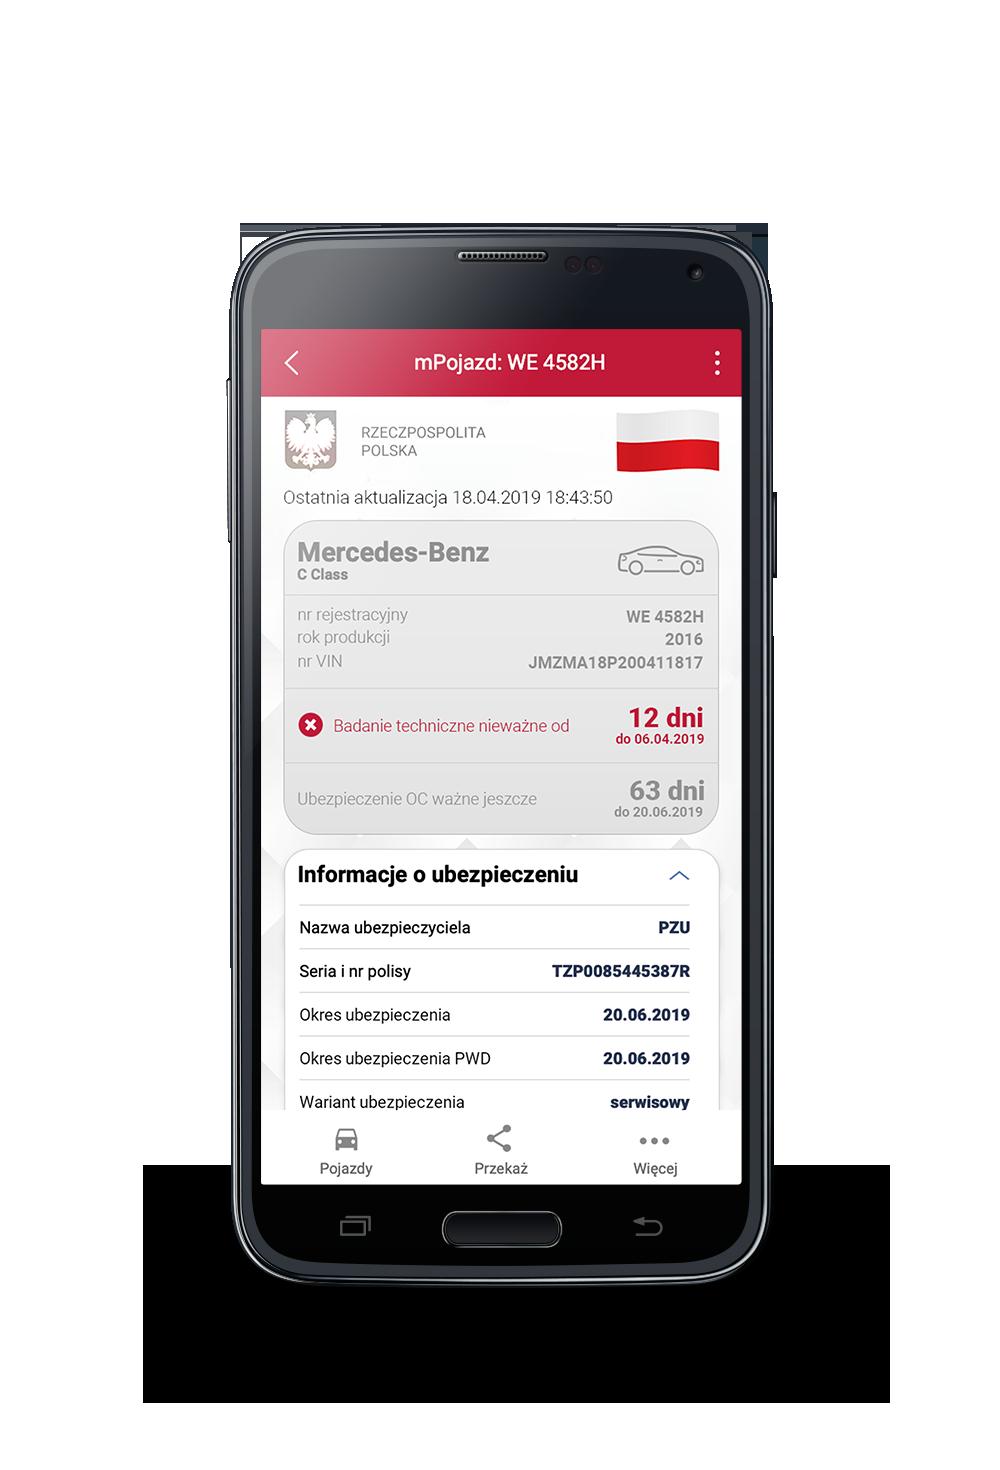 Zrzut ekranu aplikacji mObywatel - usługi mPojazd